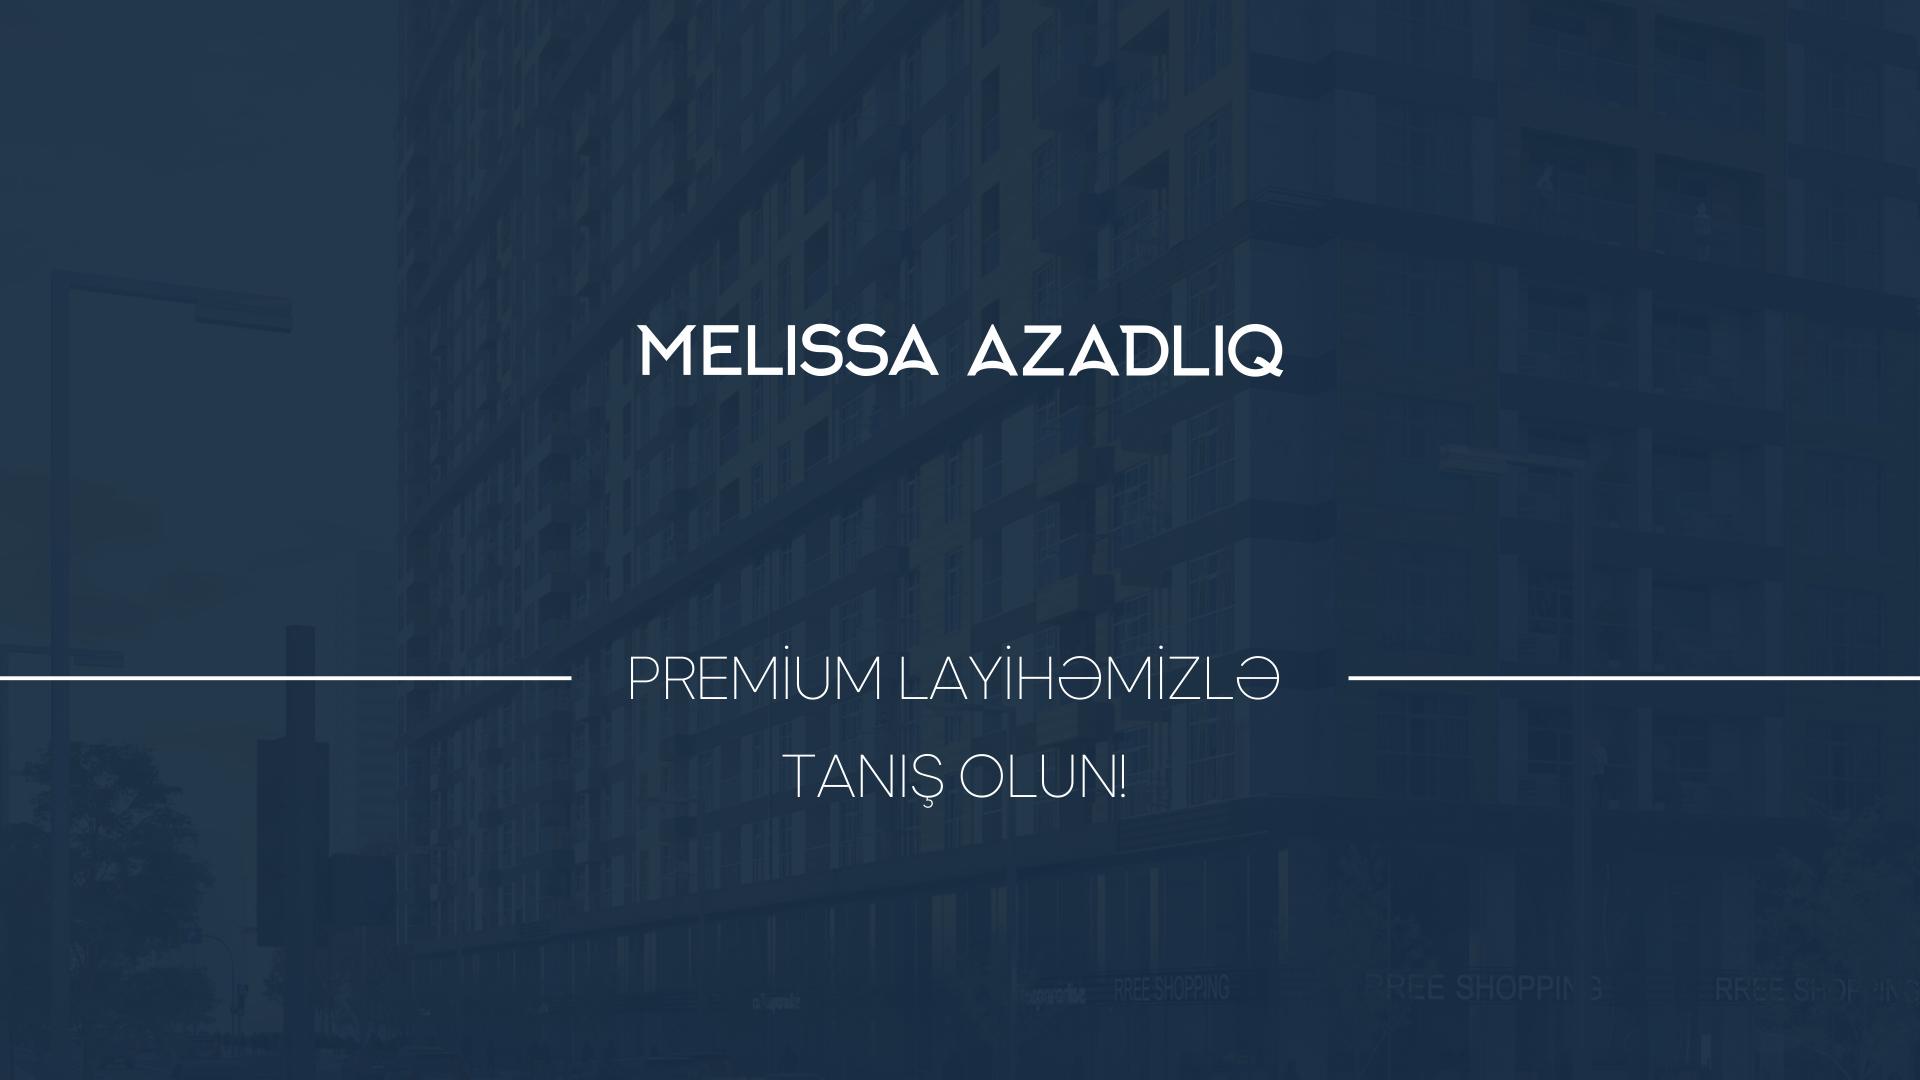 Premium layihəmiz MELISSA AZADLIQ-la yaxından tanış olun!